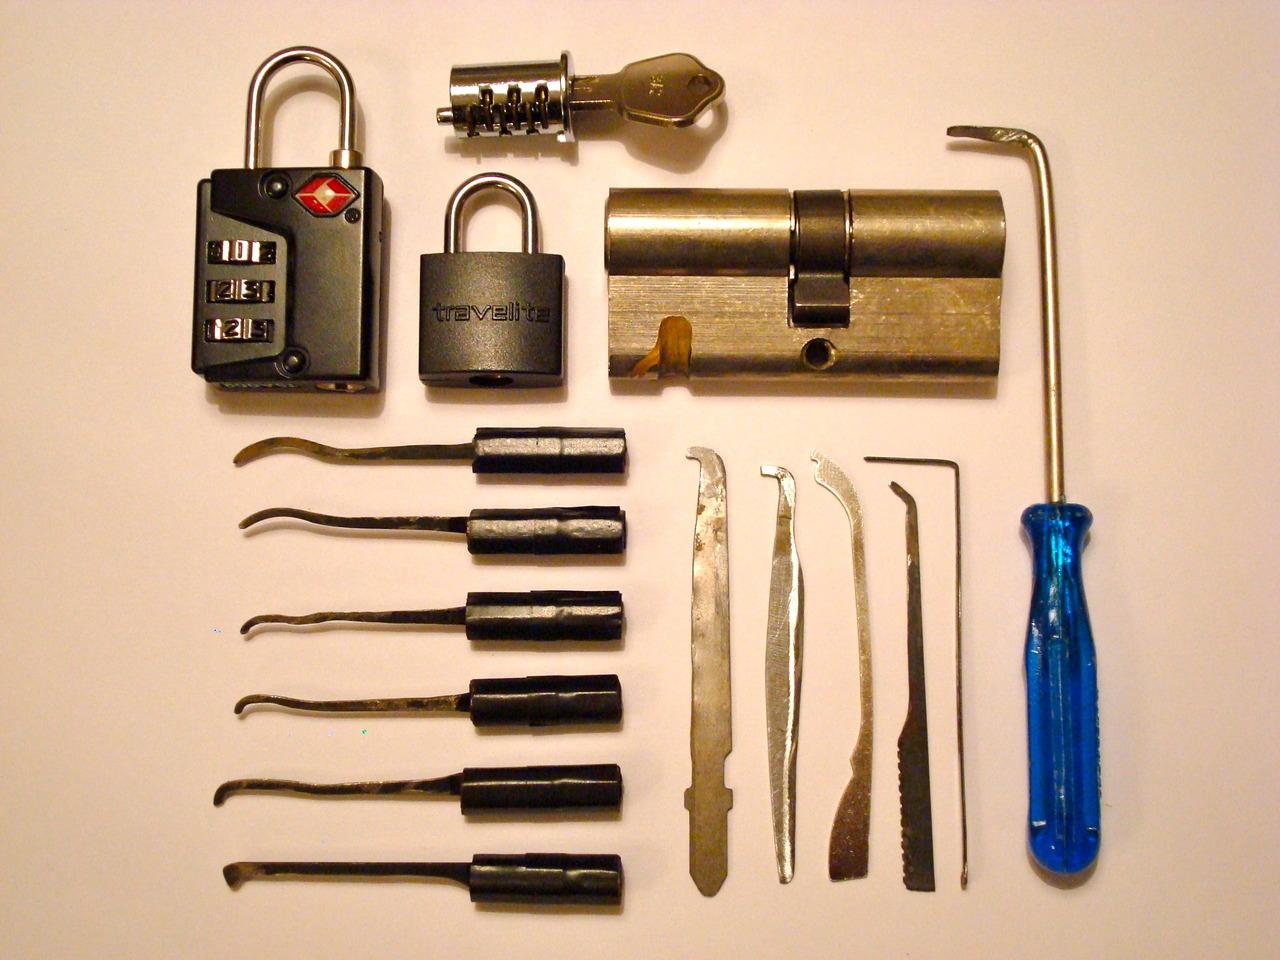 Berühmt Geheim: Lockpicking Werkzeug für Dummies | Elektroschock BE44